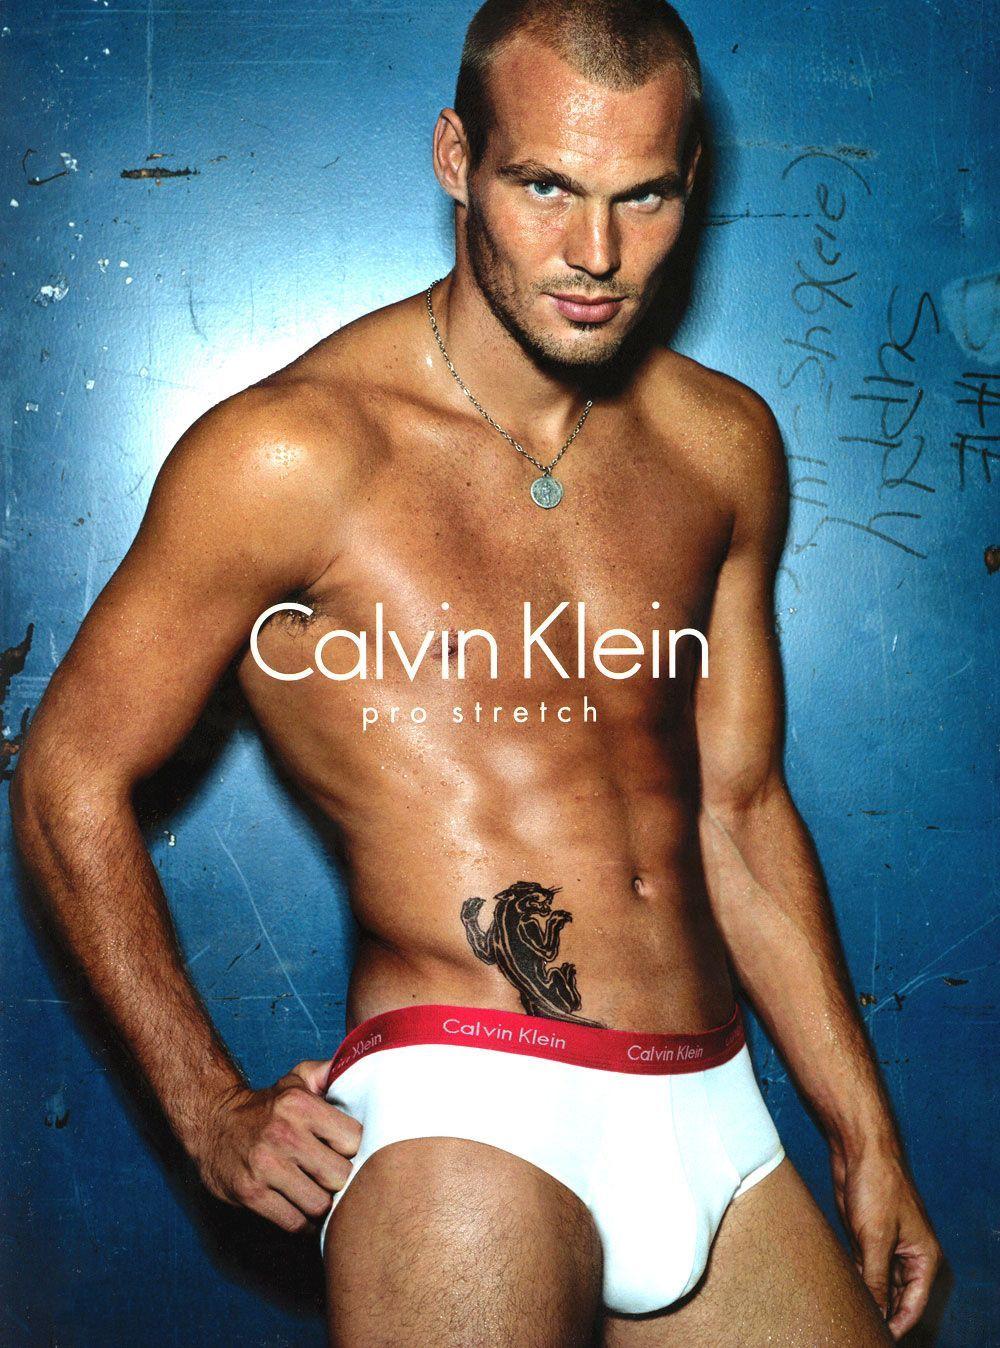 celebrity calvin klein underwear ads freddie ljundberg